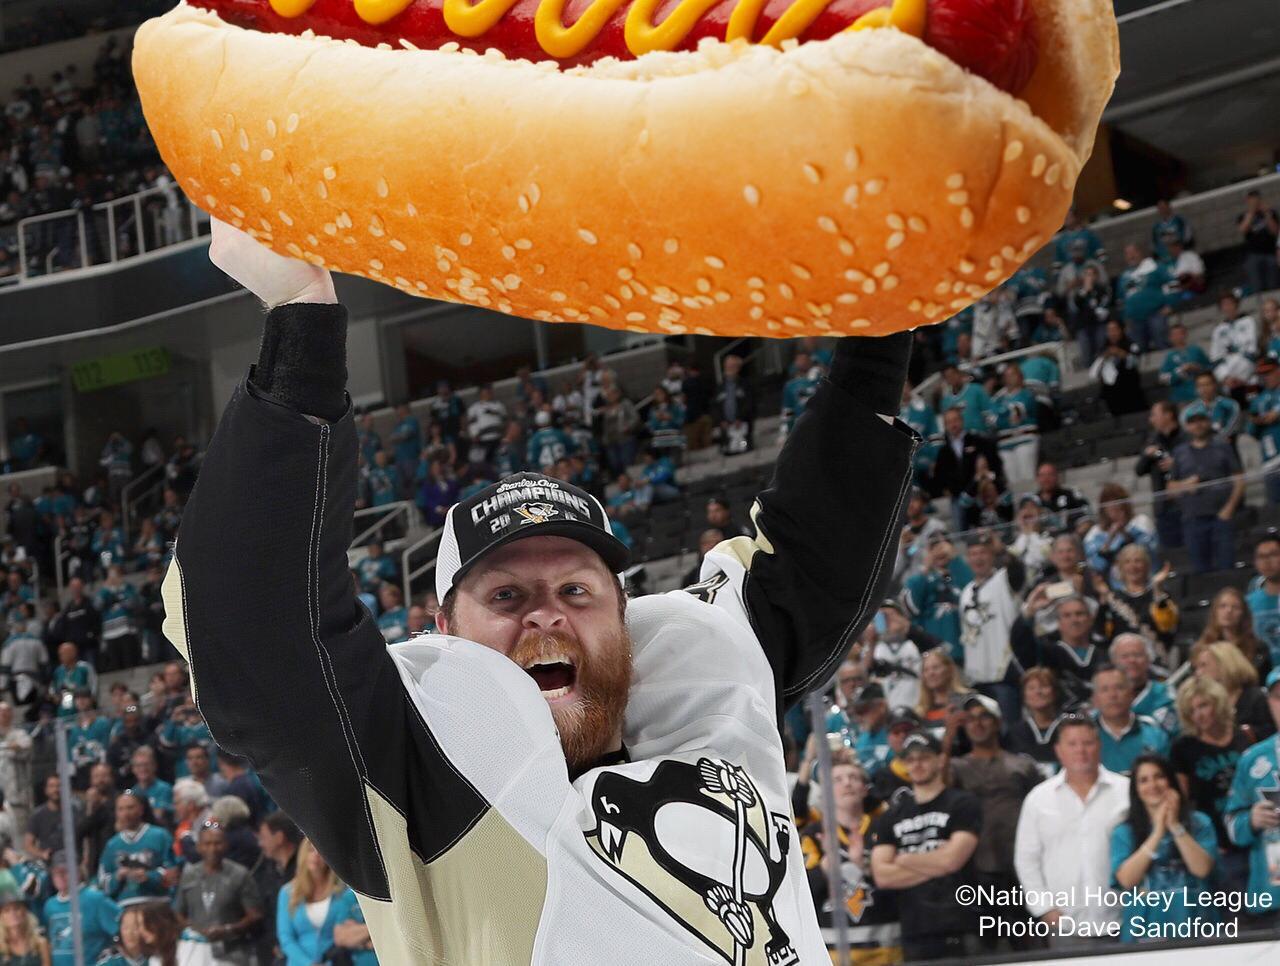 kessel_hotdogcup